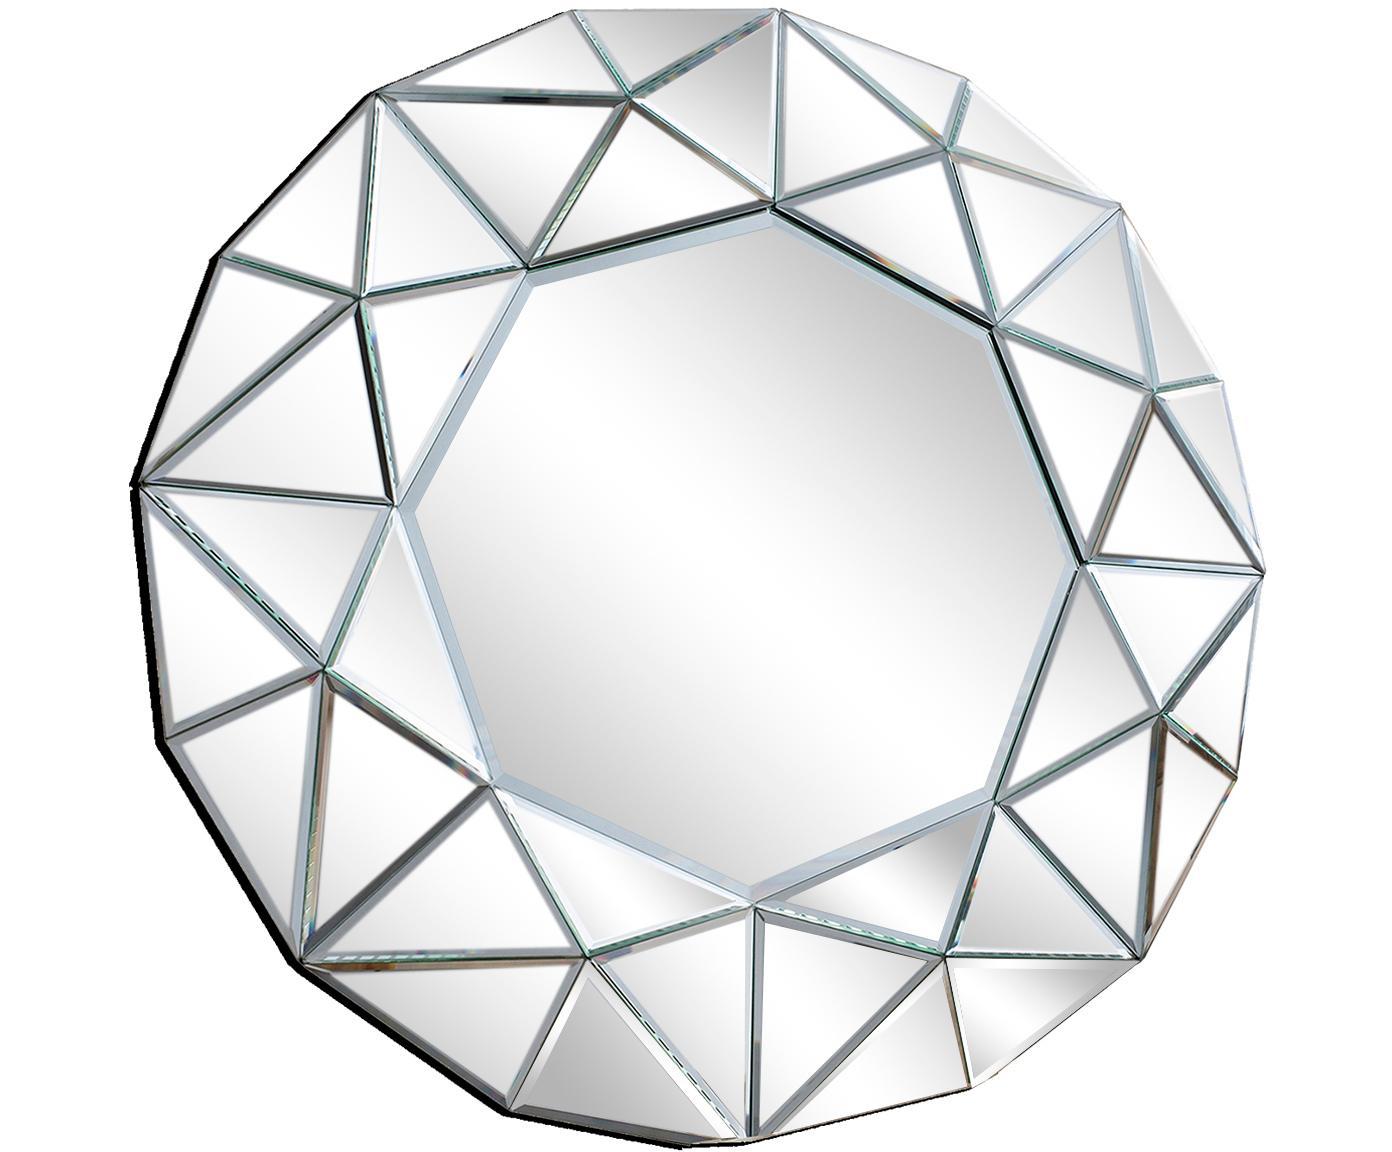 Specchio da parete con cornice in vetro Zaragoza, Retro: pannello di fibra a media, Vetro a specchio, Ø 70 x Prof. 5 cm